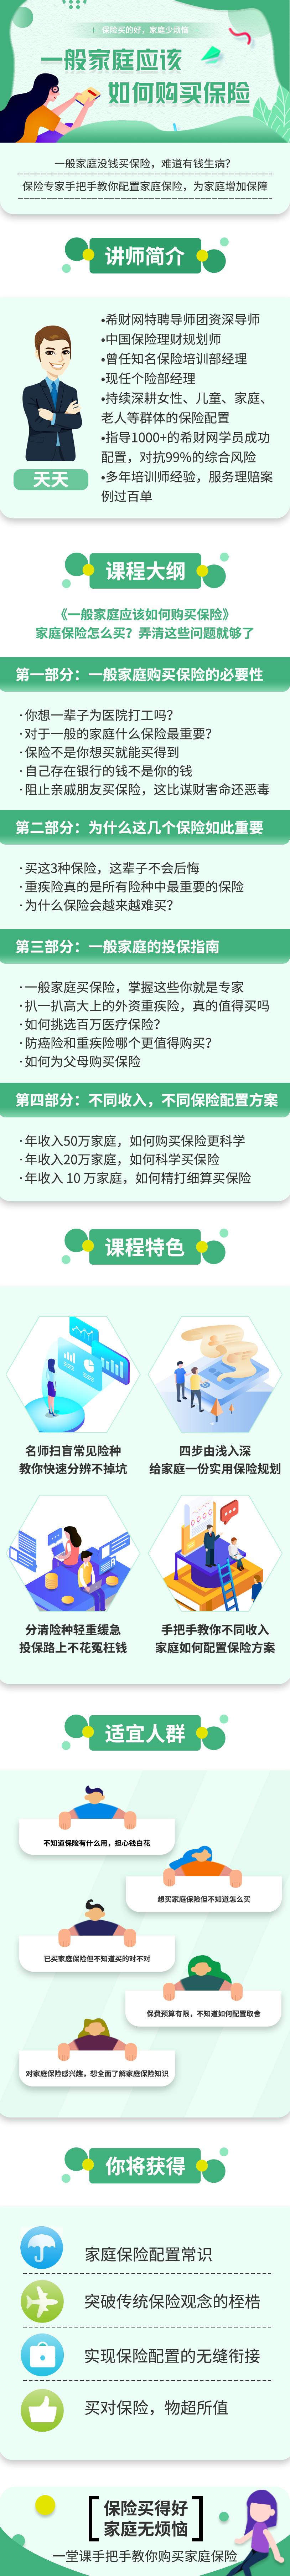 一般家庭如何购买保险2(9)(1).jpg